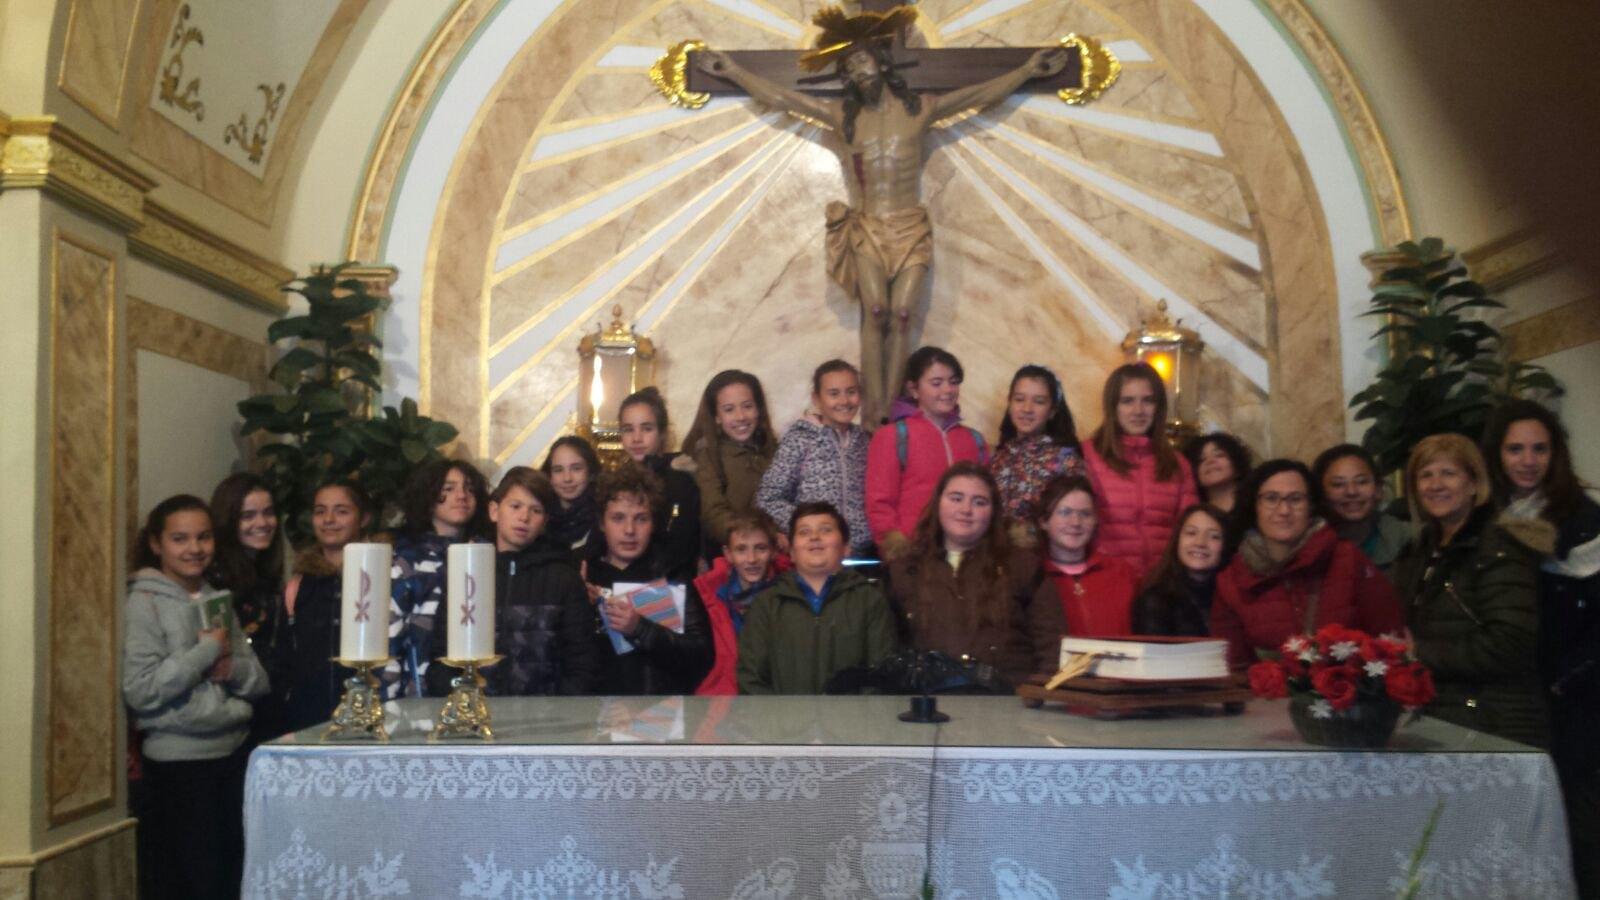 (2018-03-19) - Visita ermita alumnos Pilar,6º, profesora religión 9 Octubre - Marzo -  María Isabel Berenguer Brotons - (01)